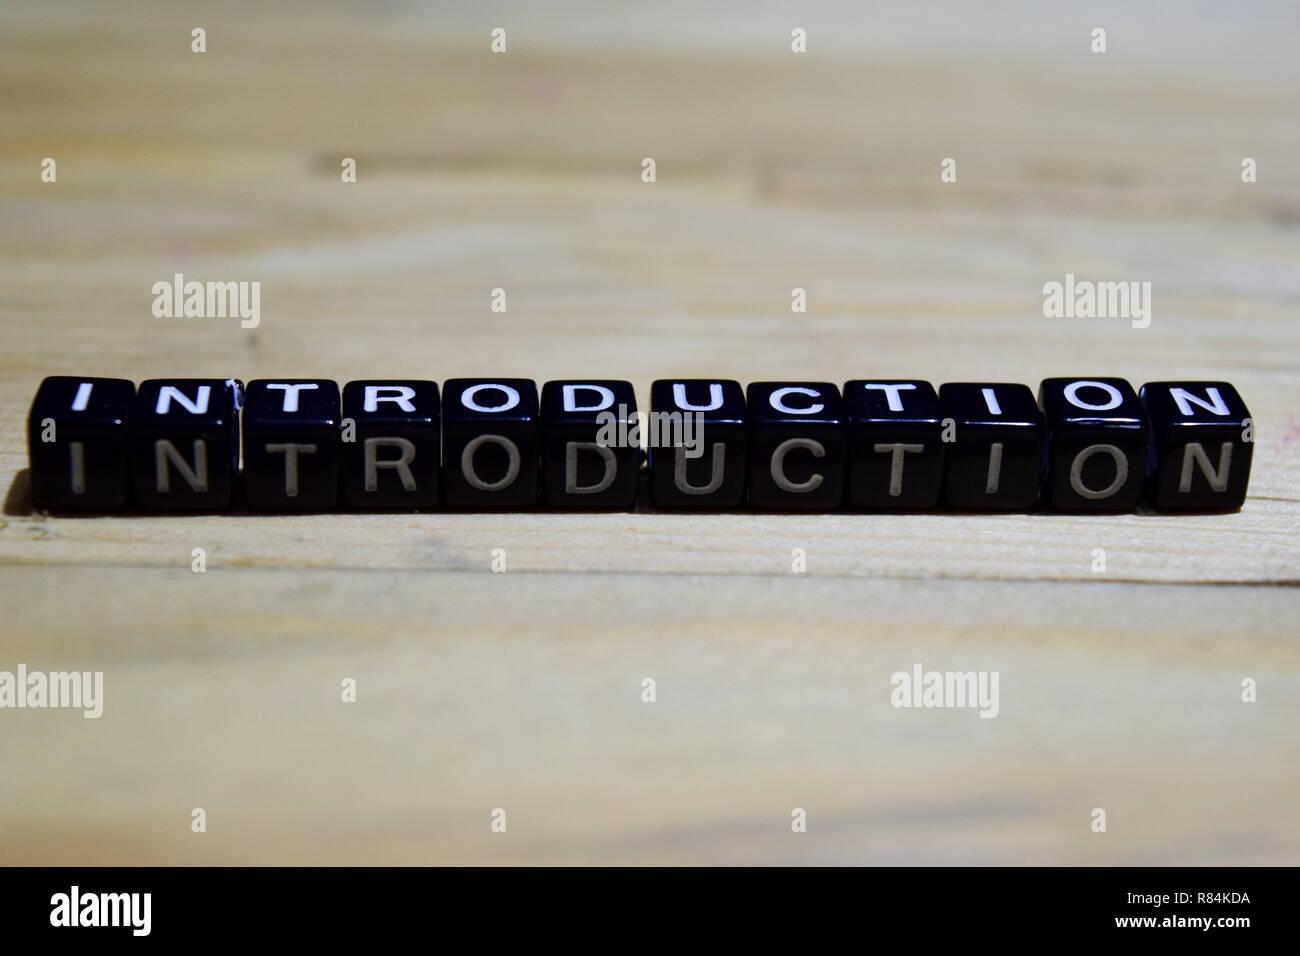 Einführung Nachricht auf hölzernen Blöcke geschrieben. Bildung und Motivation Konzepte. Kreuz verarbeitete Bild auf hölzernen Hintergrund Stockbild